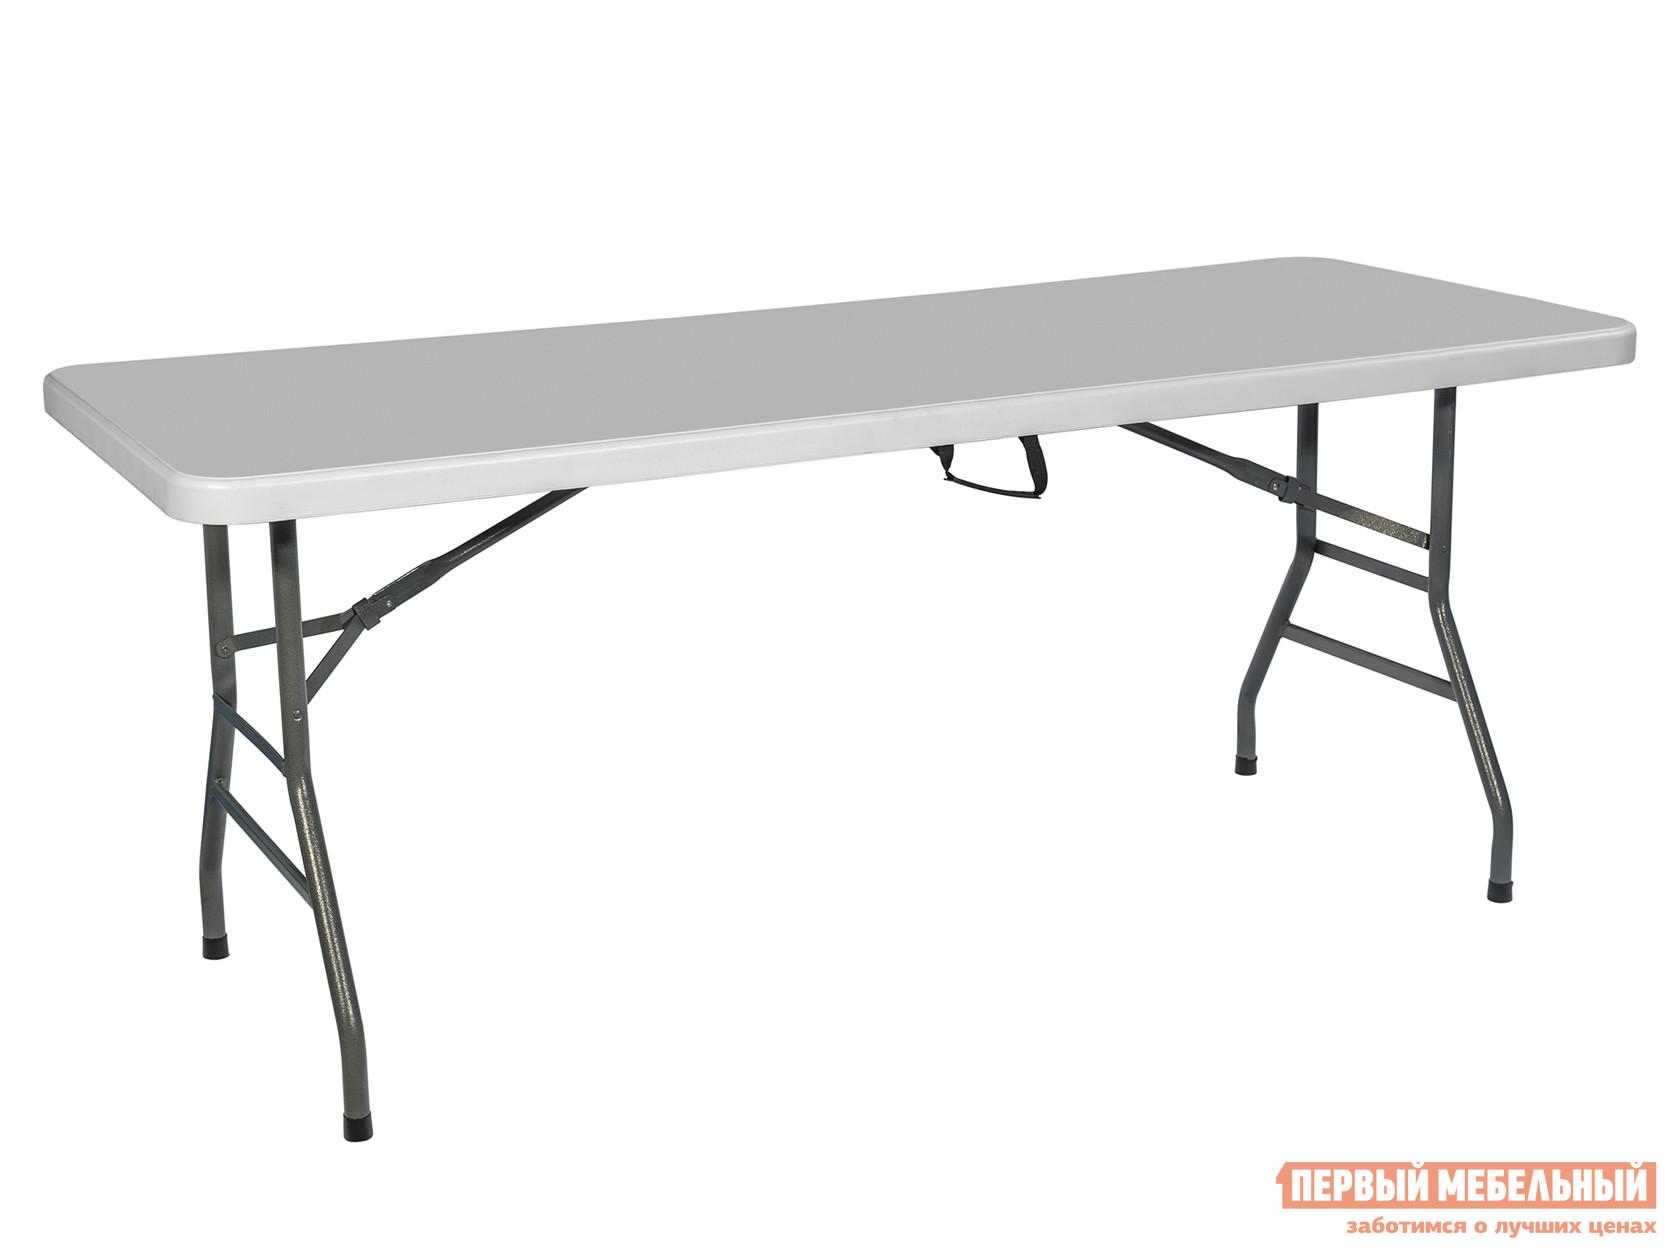 Банкетный пластиковый стол Stool Group C182S